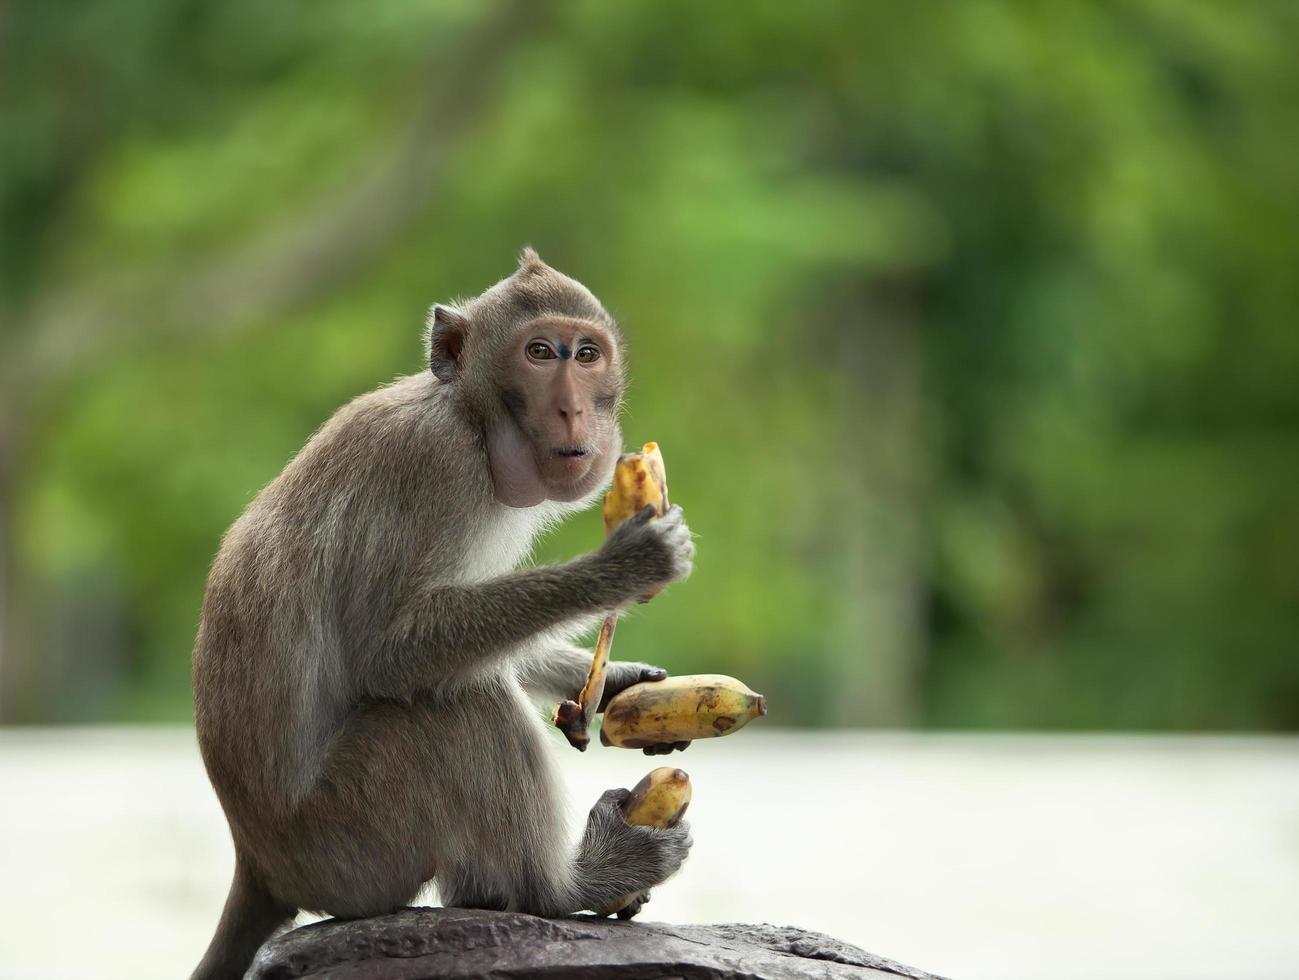 le singe tient trois bananes photo